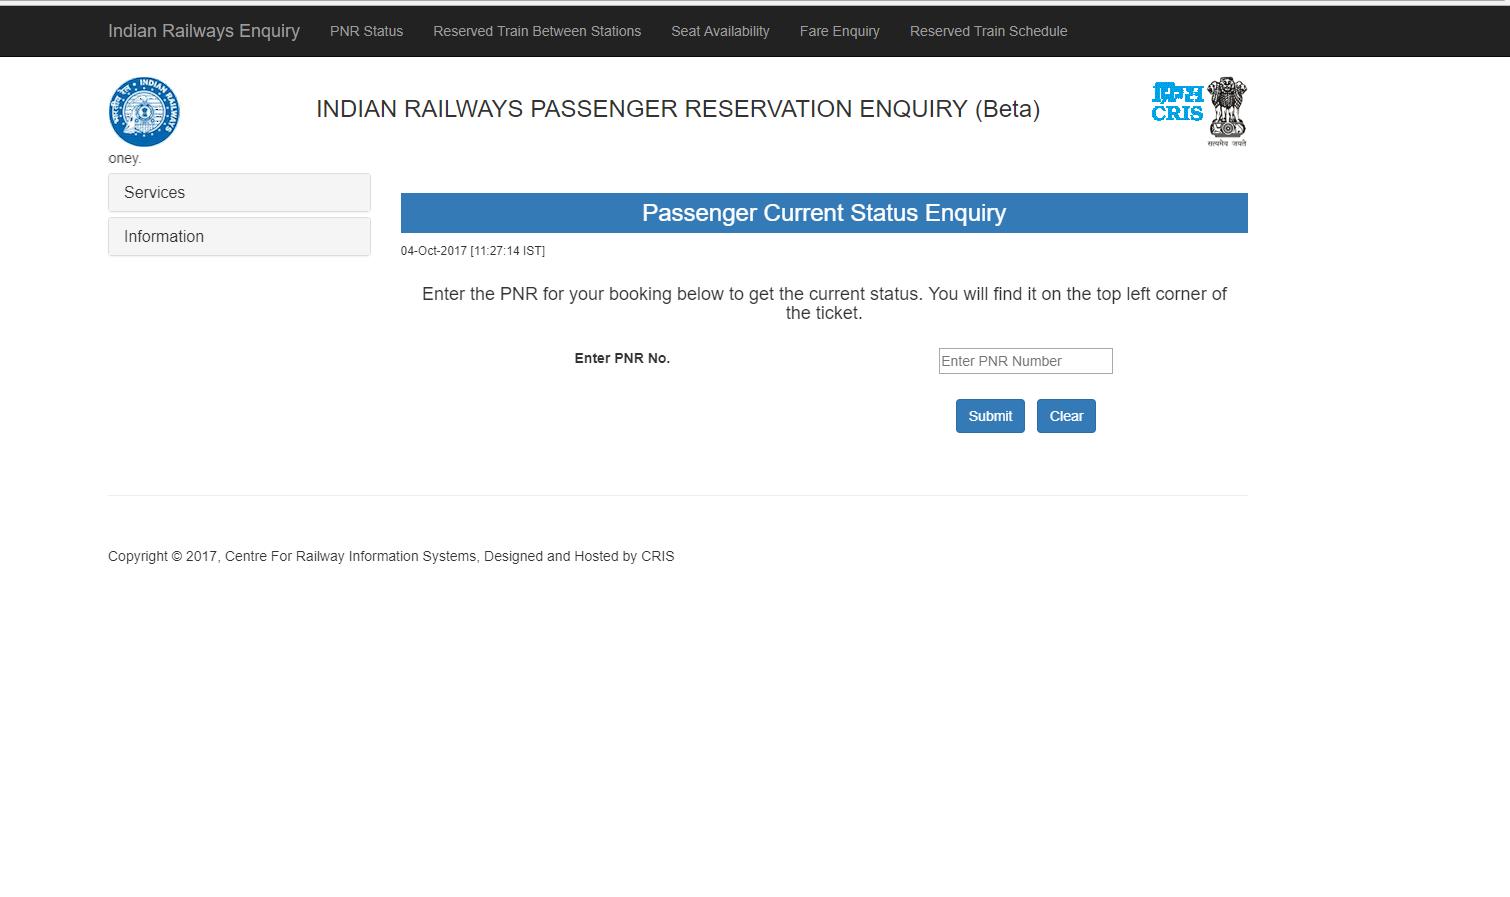 irctc pnr current status enquiry